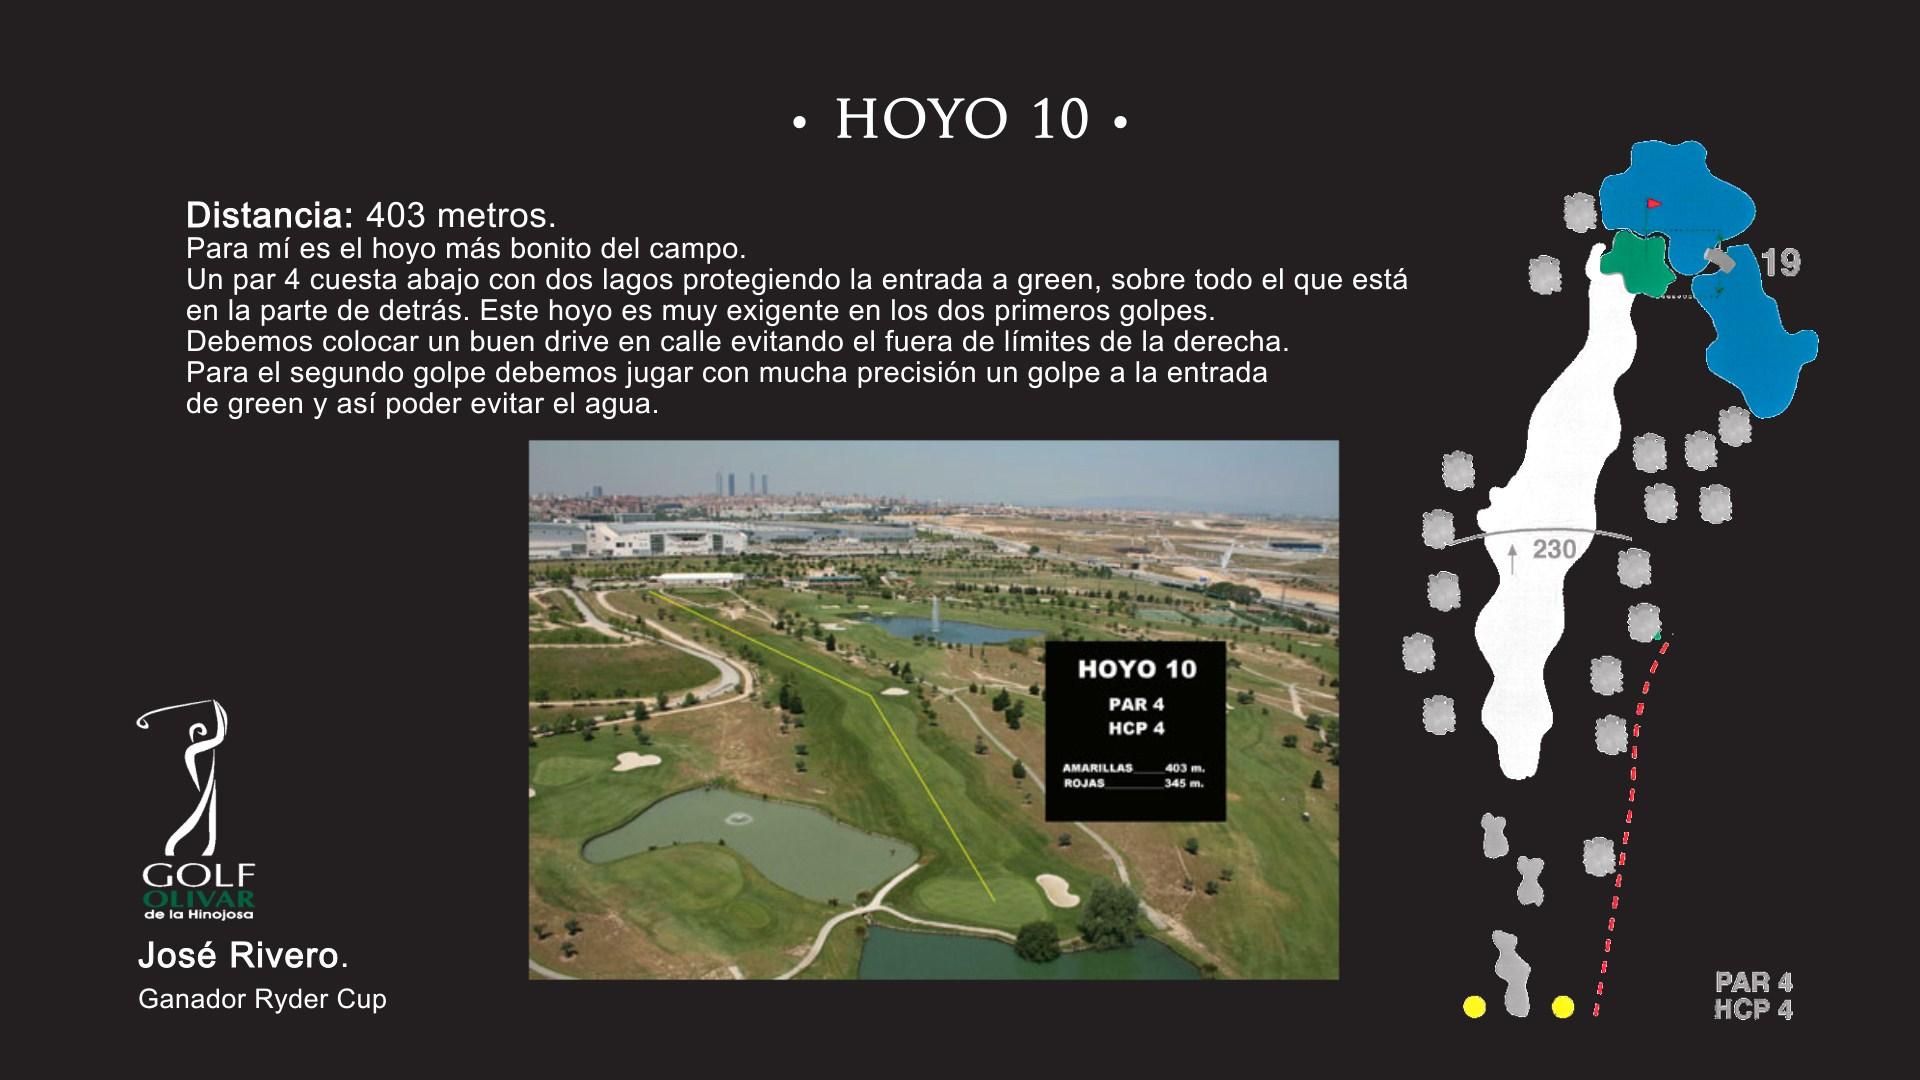 Hoyo 10 Olivar de la Hinojosa